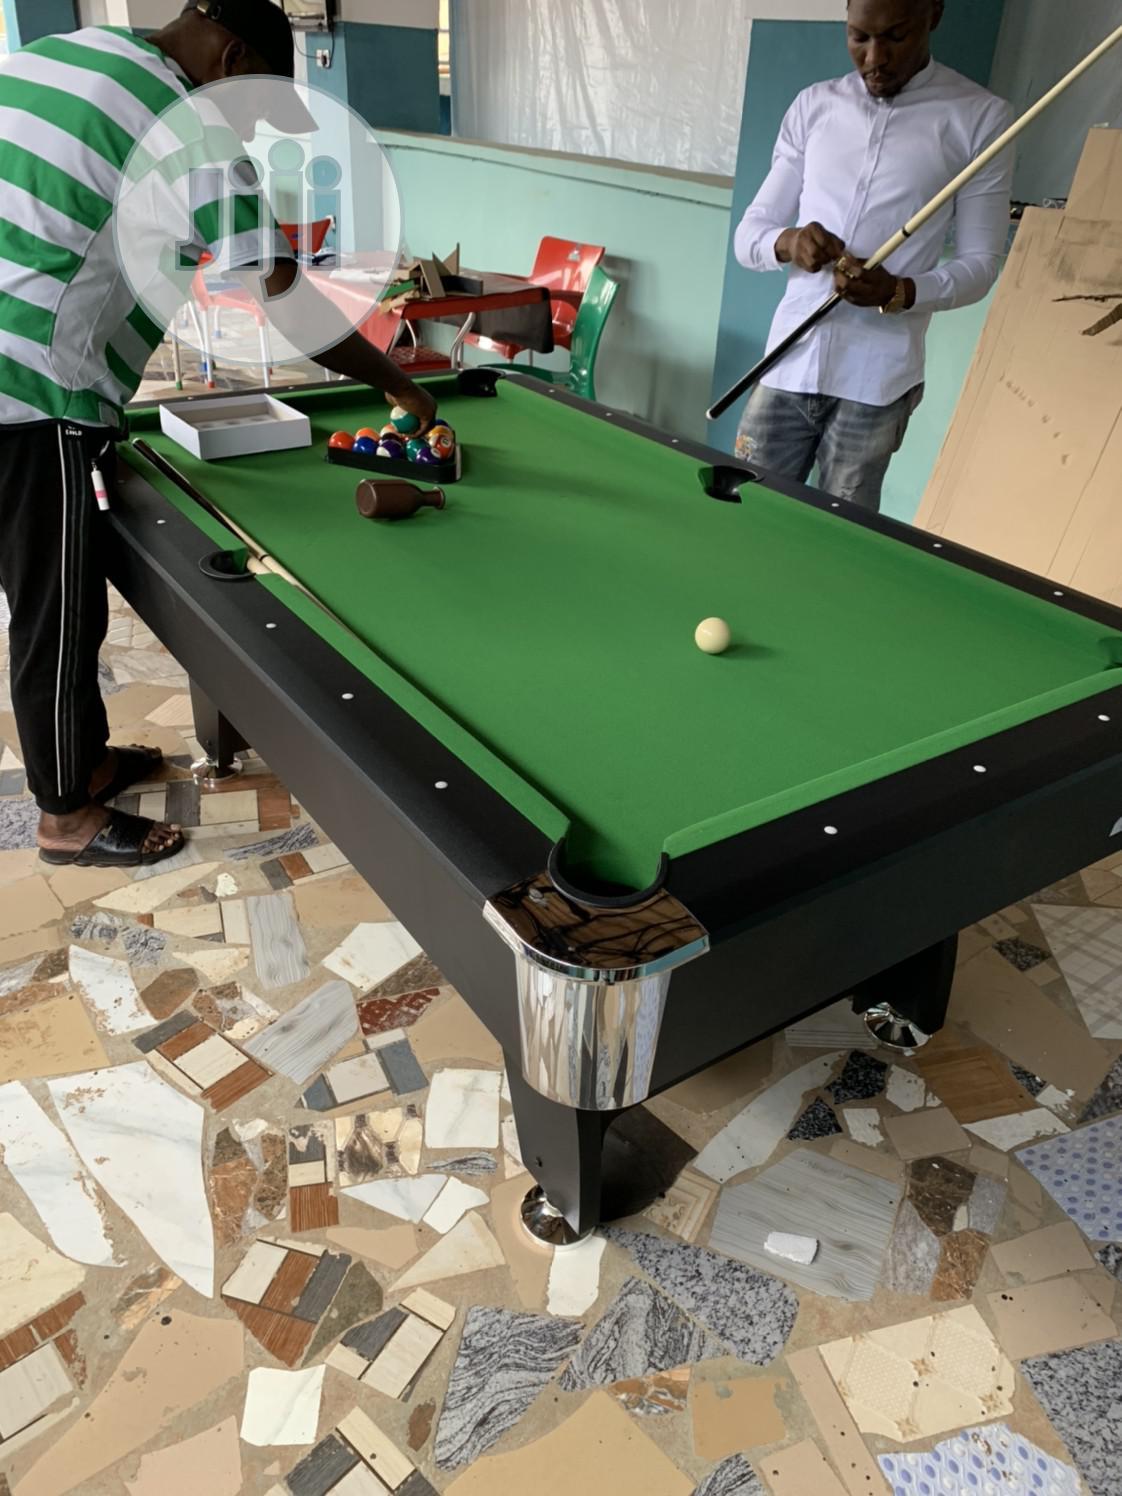 Standard Snooker Board